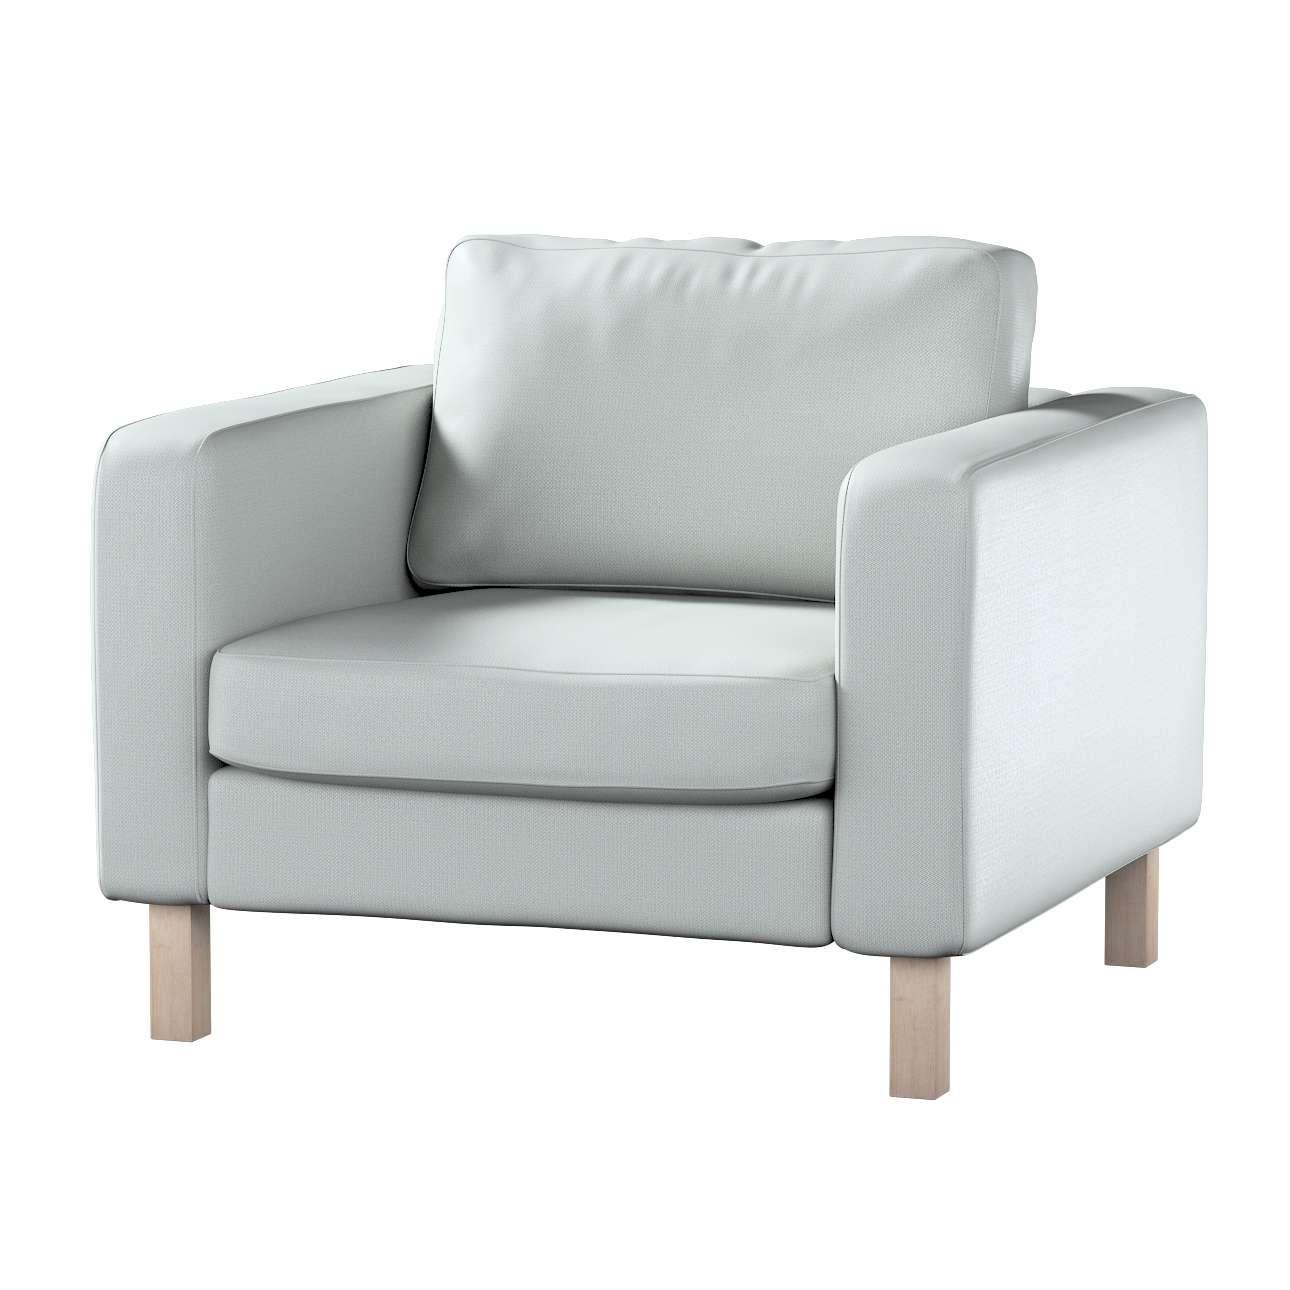 Pokrowiec na fotel Karlstad, krótki w kolekcji Bergen, tkanina: 161-72